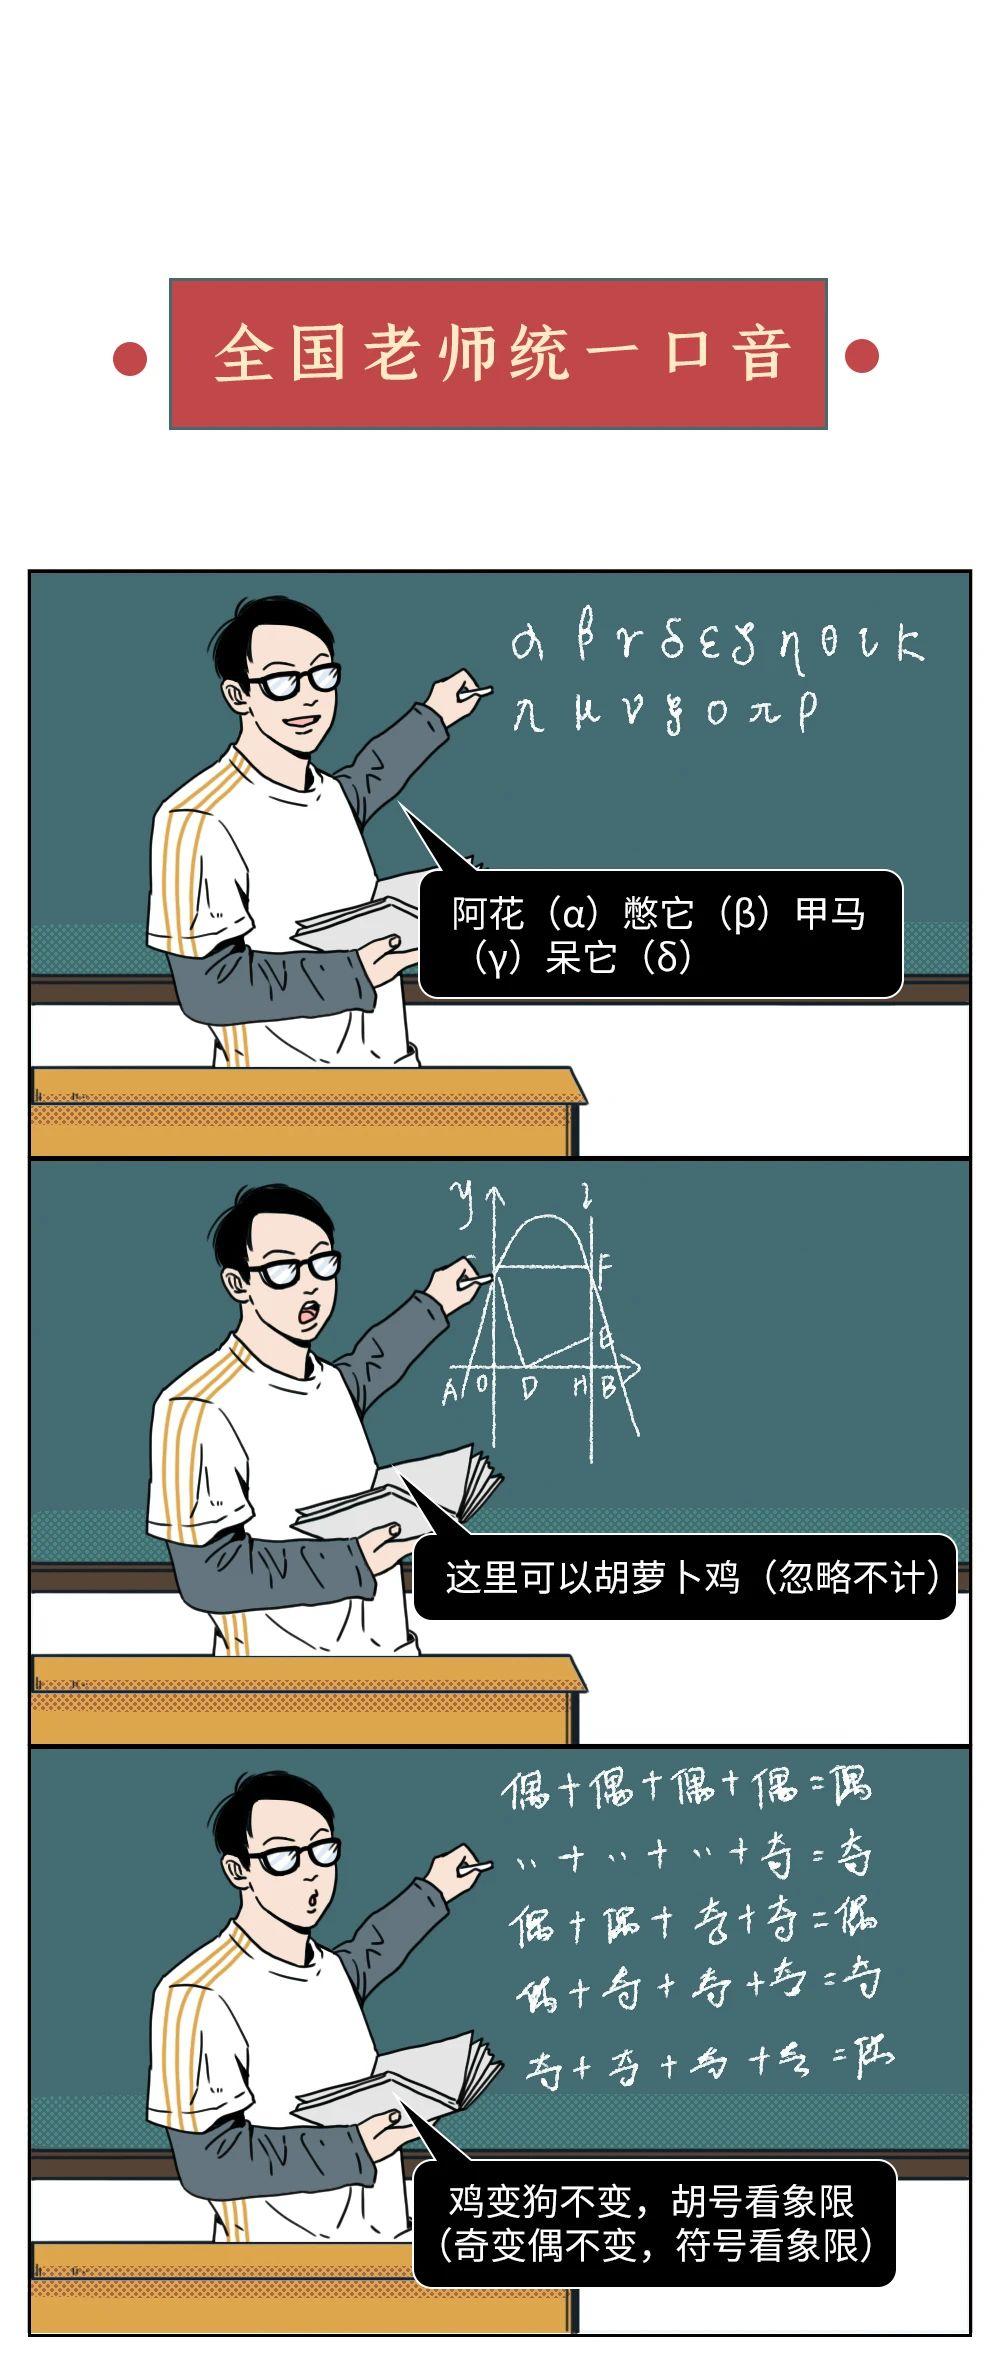 一起来看下面这组漫画 里面有没有你的老师